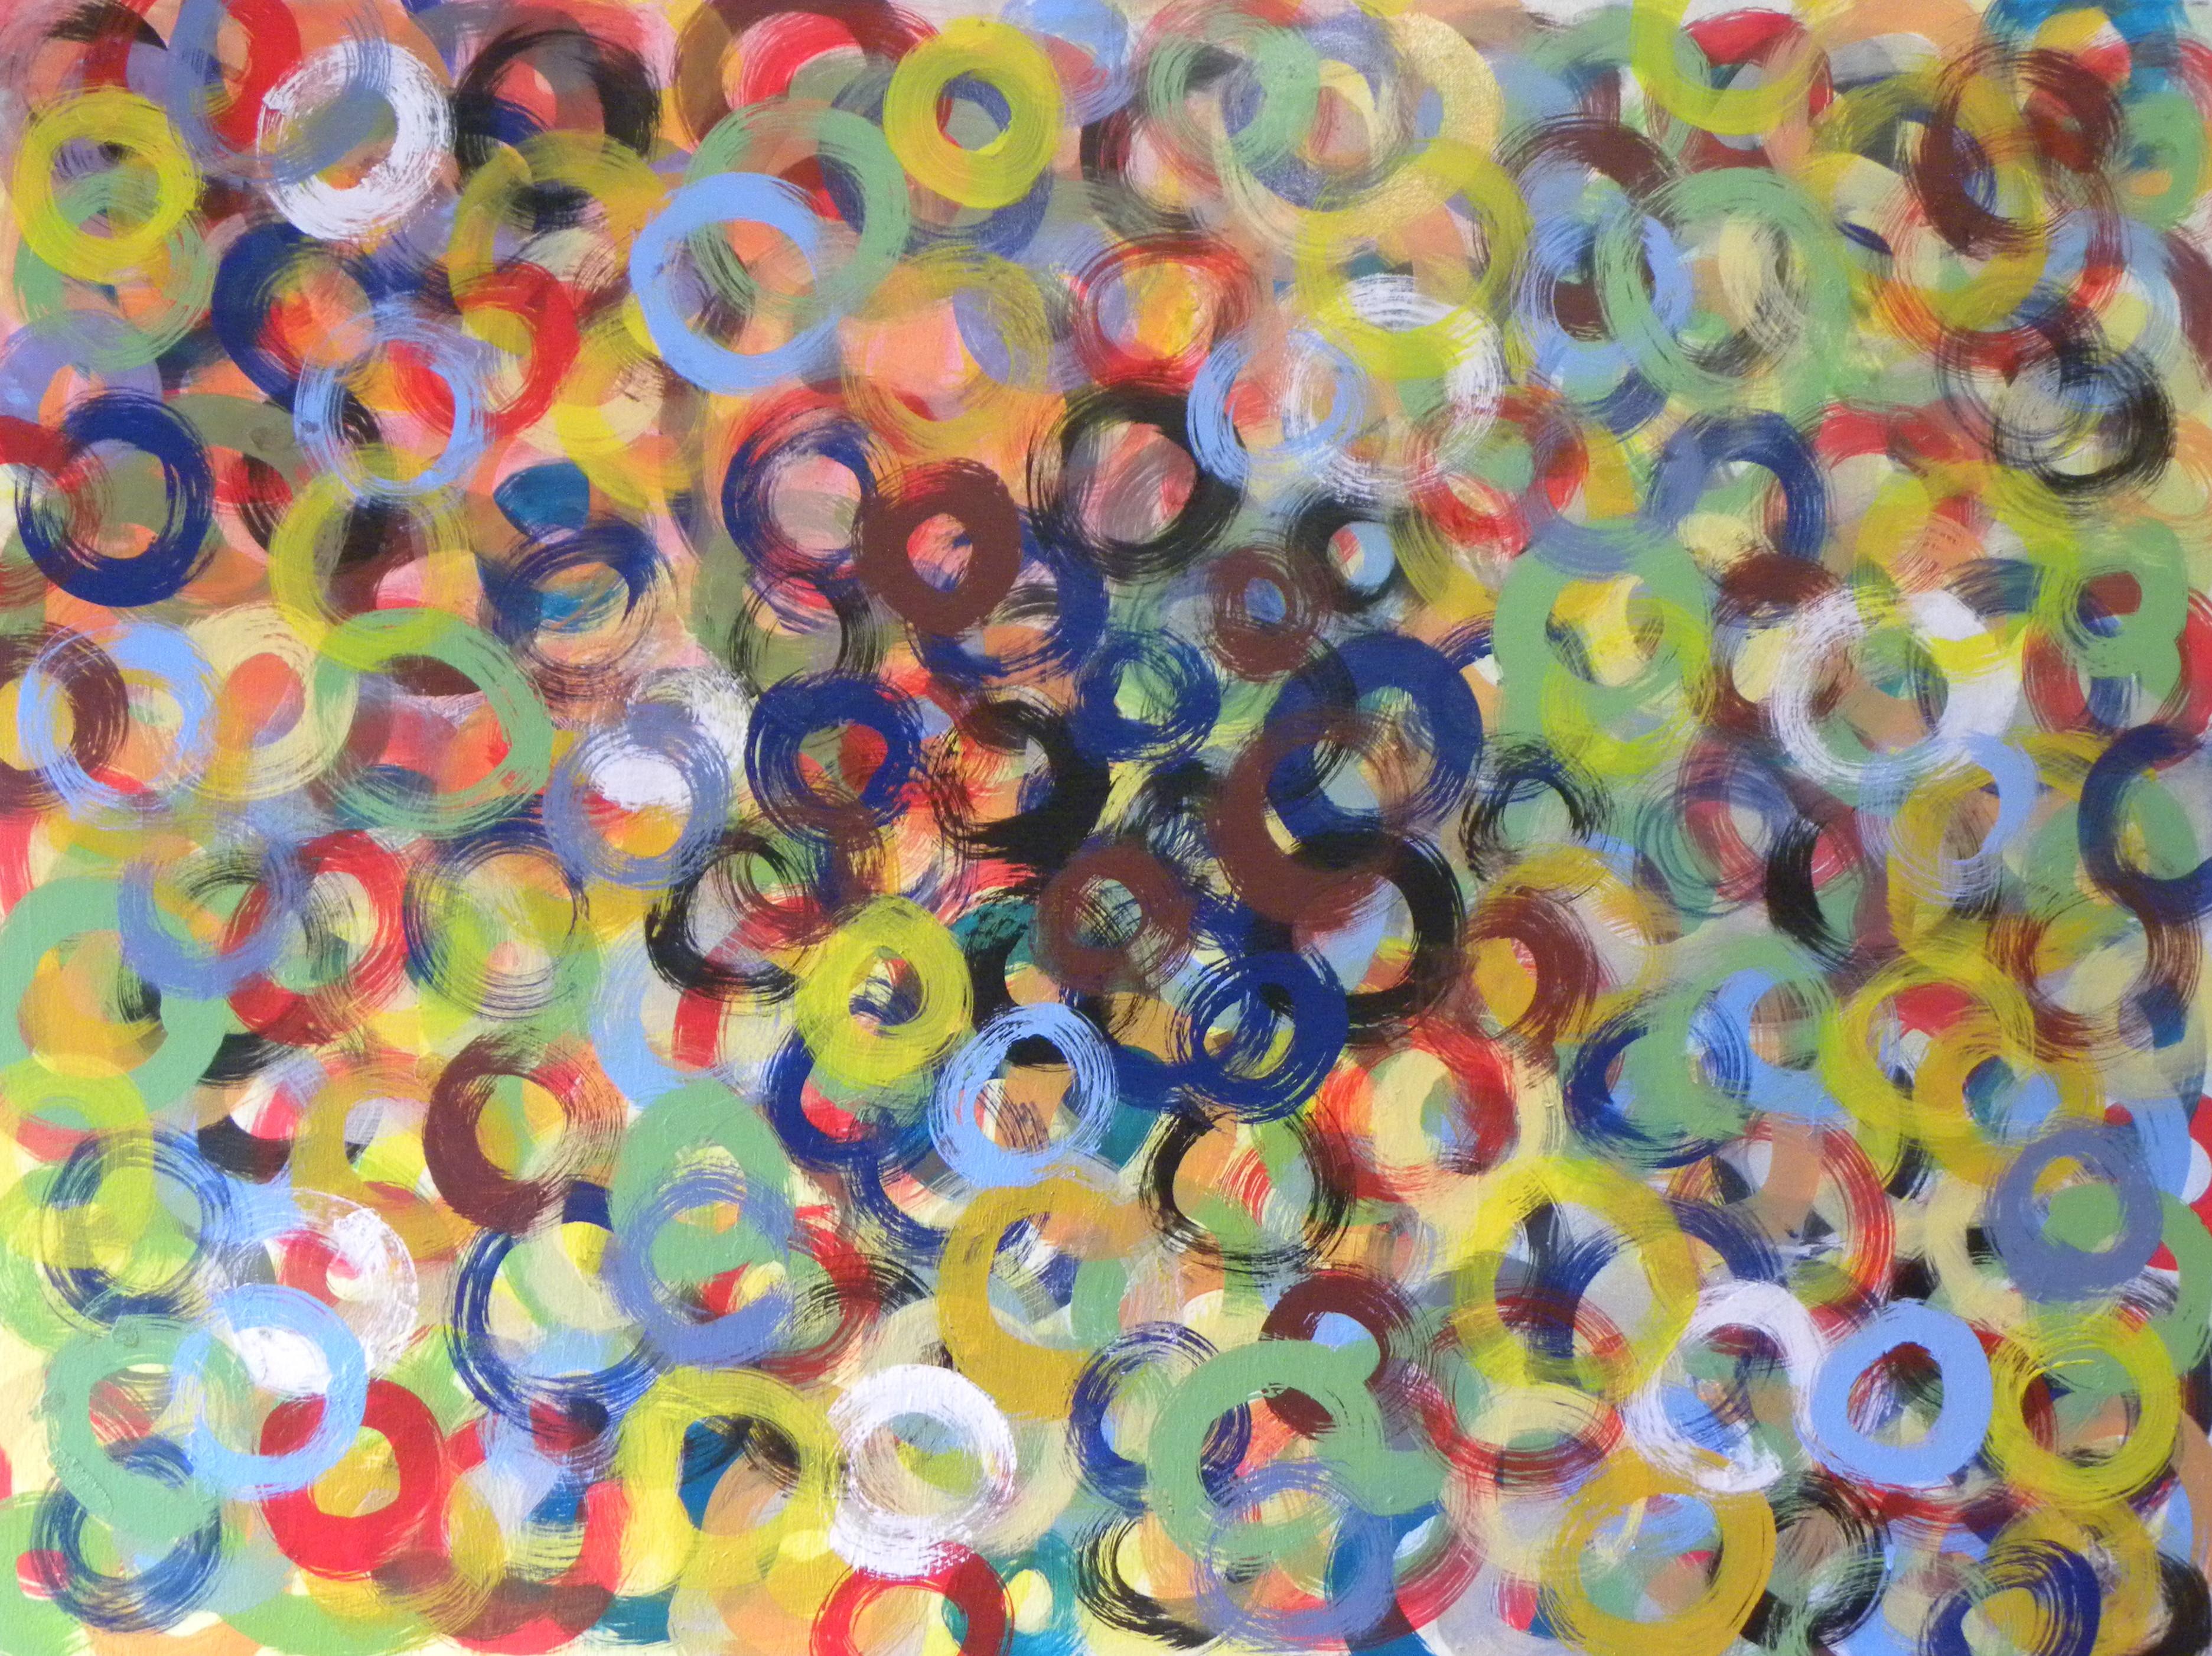 circleblend_107_heinzgrossrieder__2